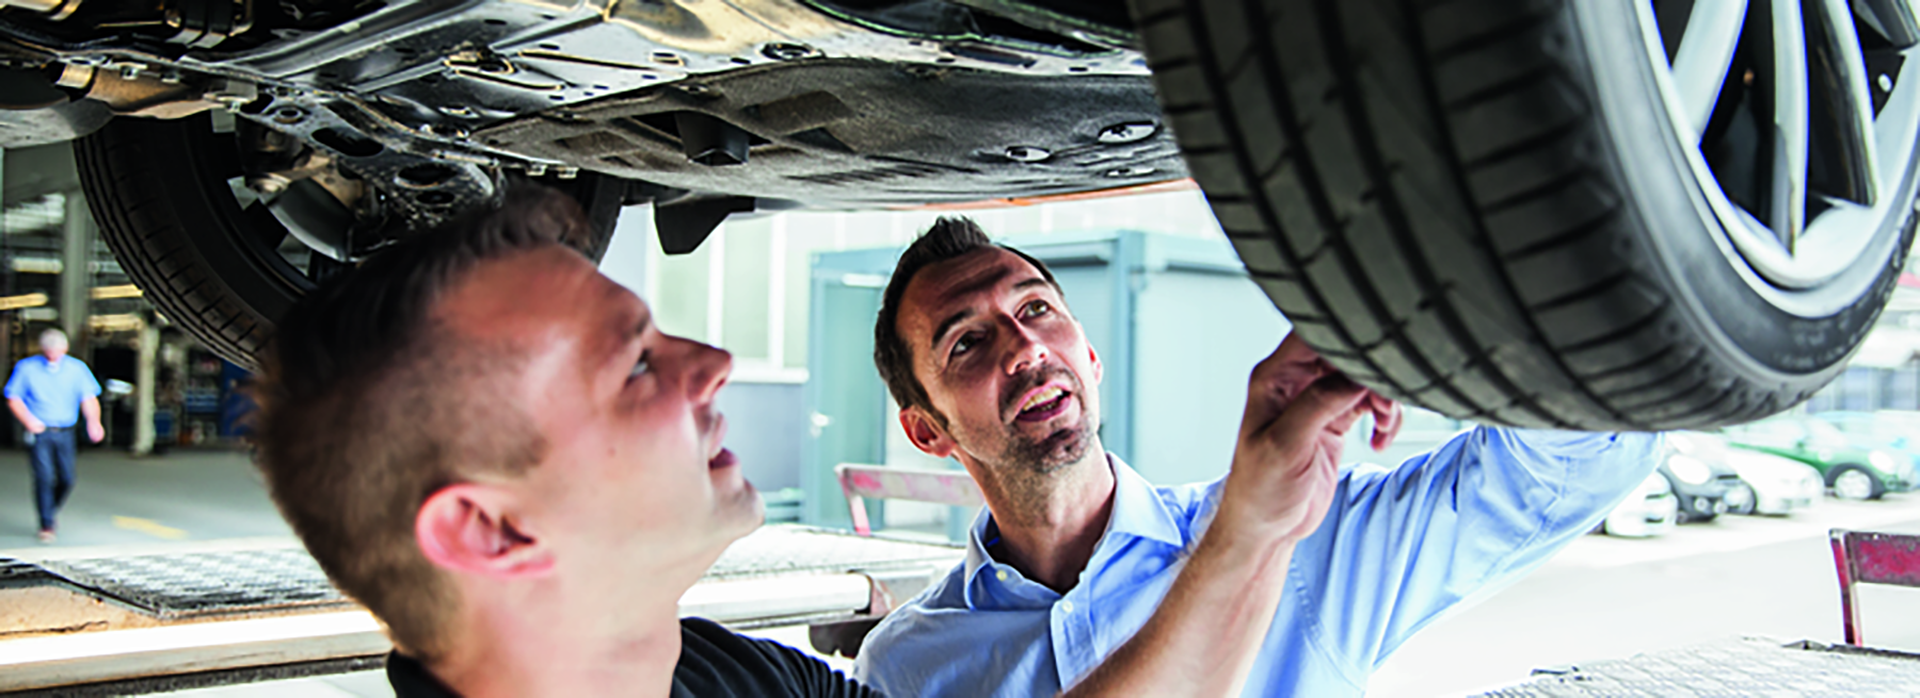 MINI Tire services